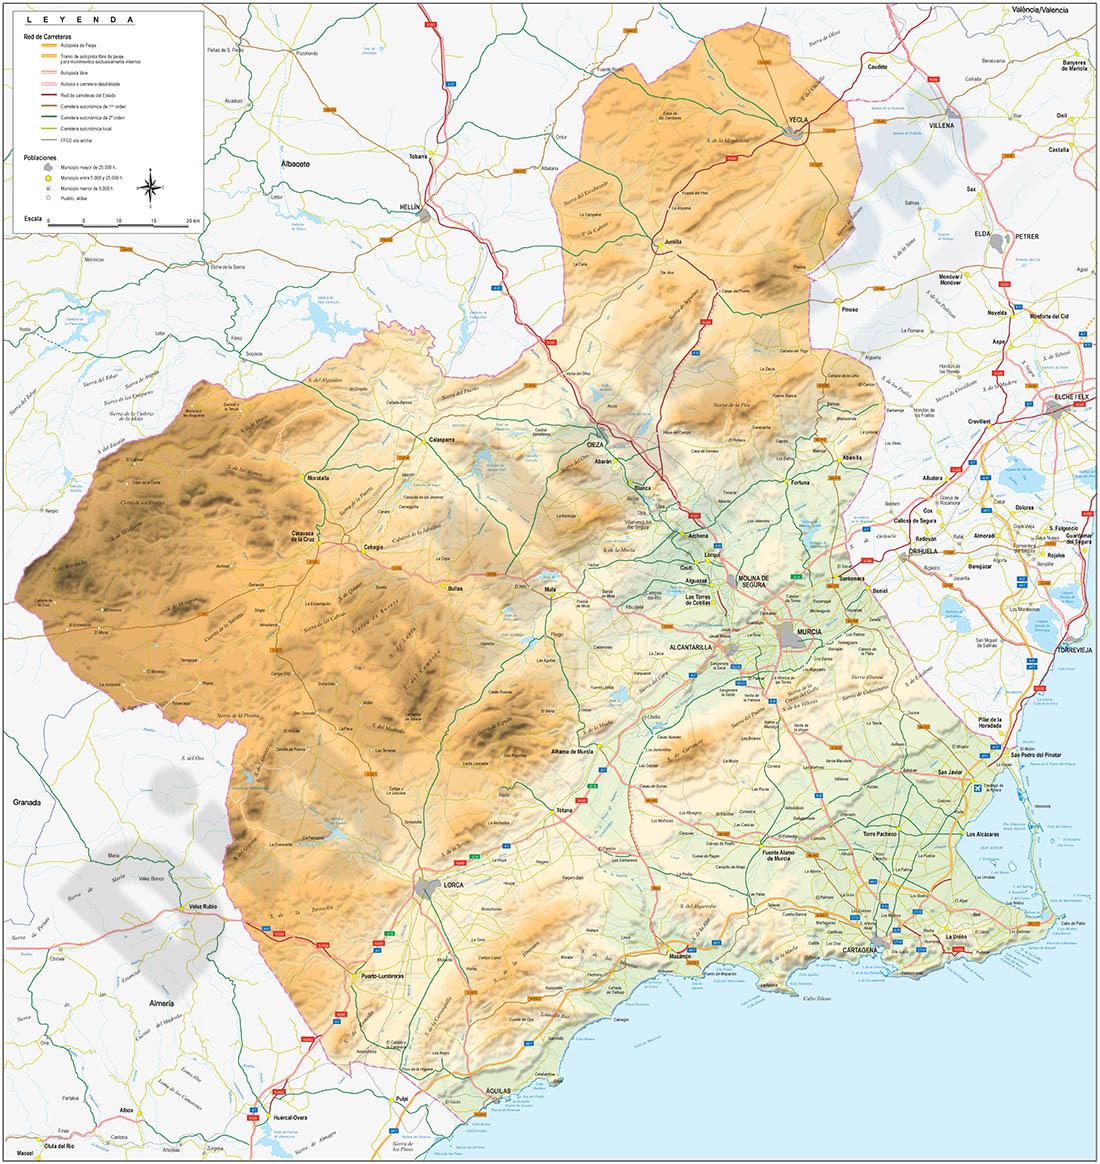 Mapa de la Región de Murcia con relieve